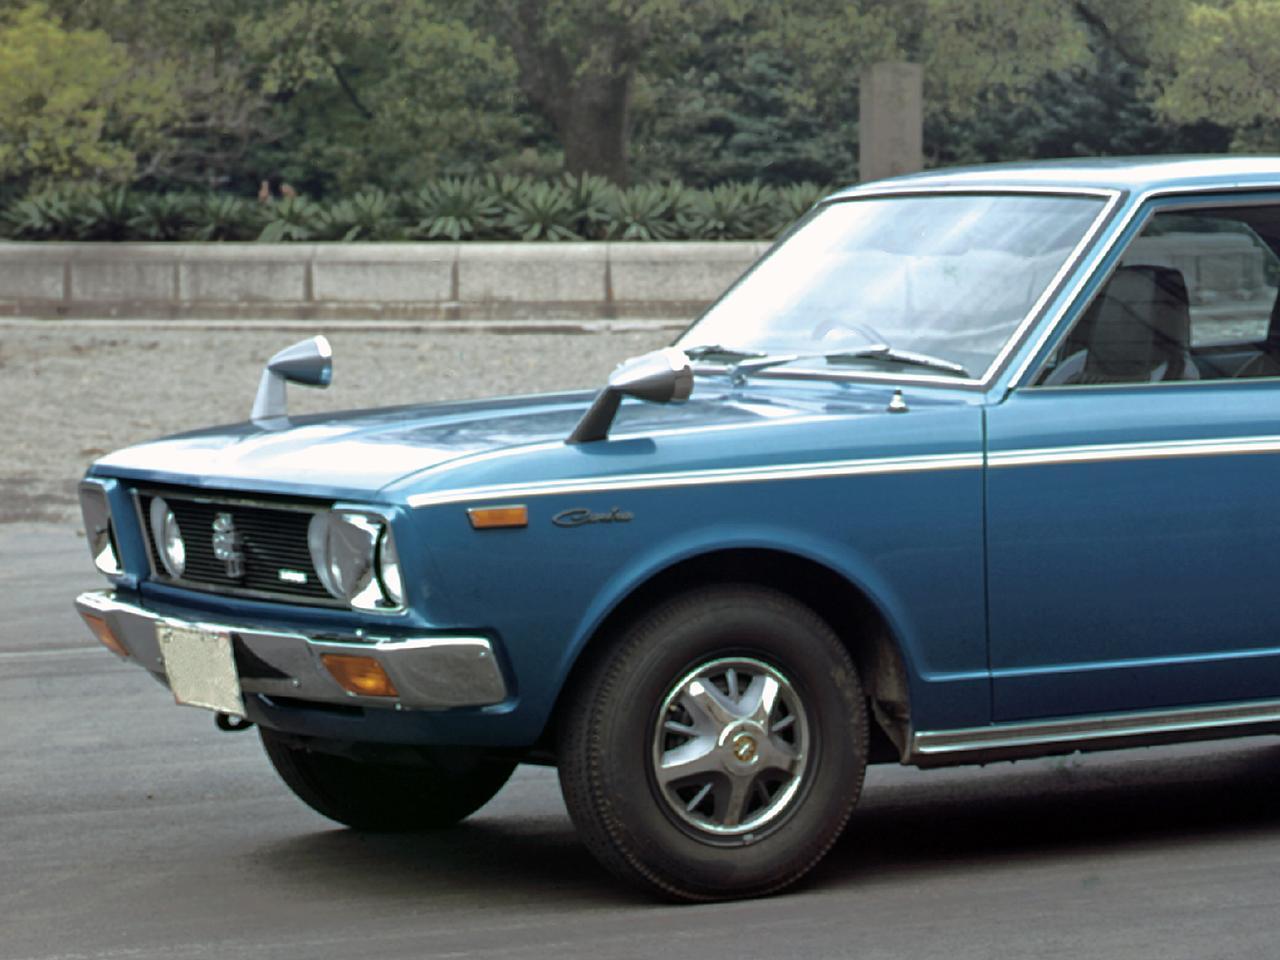 【昭和の名車 35】トヨタ カリーナ1600GT(昭和46年:1971年)